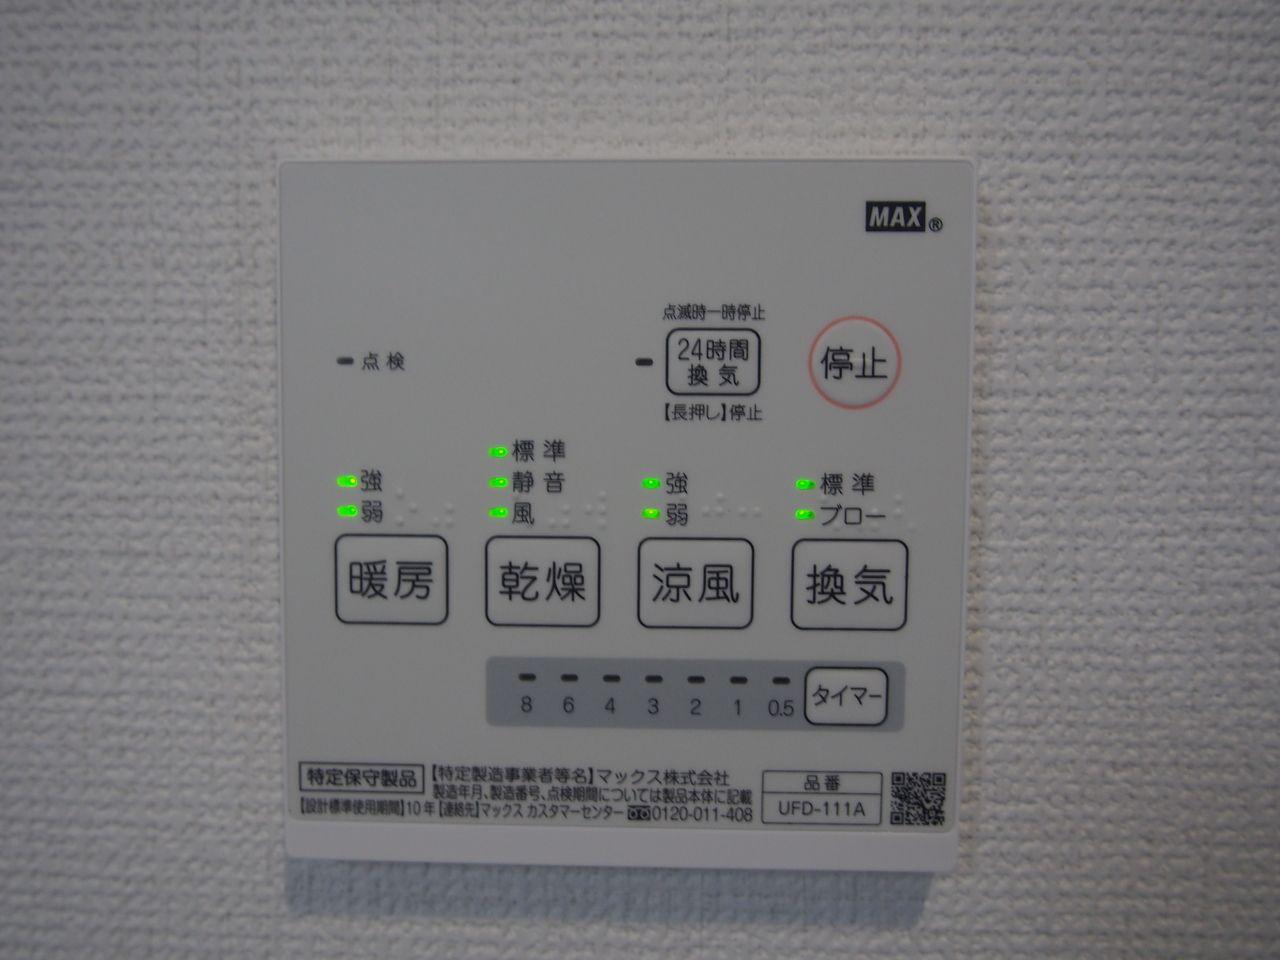 """暖房はボタンひとつで、冬場のお風呂の寒さを緩和!浴室を暖めることが""""ヒートショック""""対策に有効です。 衣類乾燥 「外に干せない」ときはお風呂場が乾燥室に早変わり!「ecoモード」でかしこく電気代を節約します! 換気 お風呂のジメジメ解消の手助けに! 24時間換気を標準装備、改正建築基準法にも対応"""